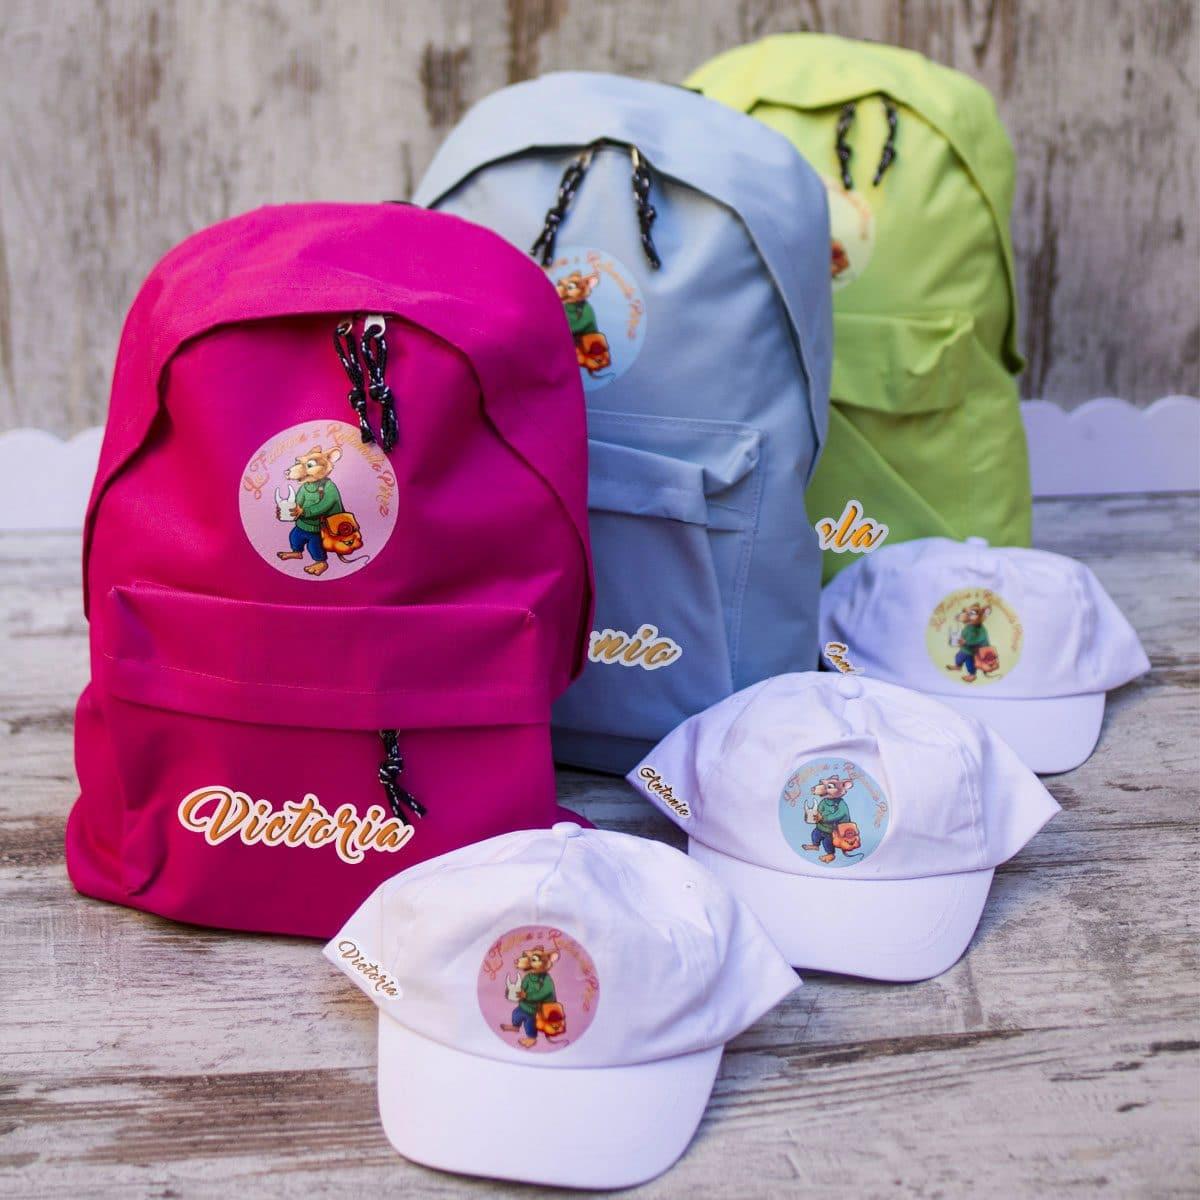 Mochilas y gorras personalizadas Ratoncito Pérez